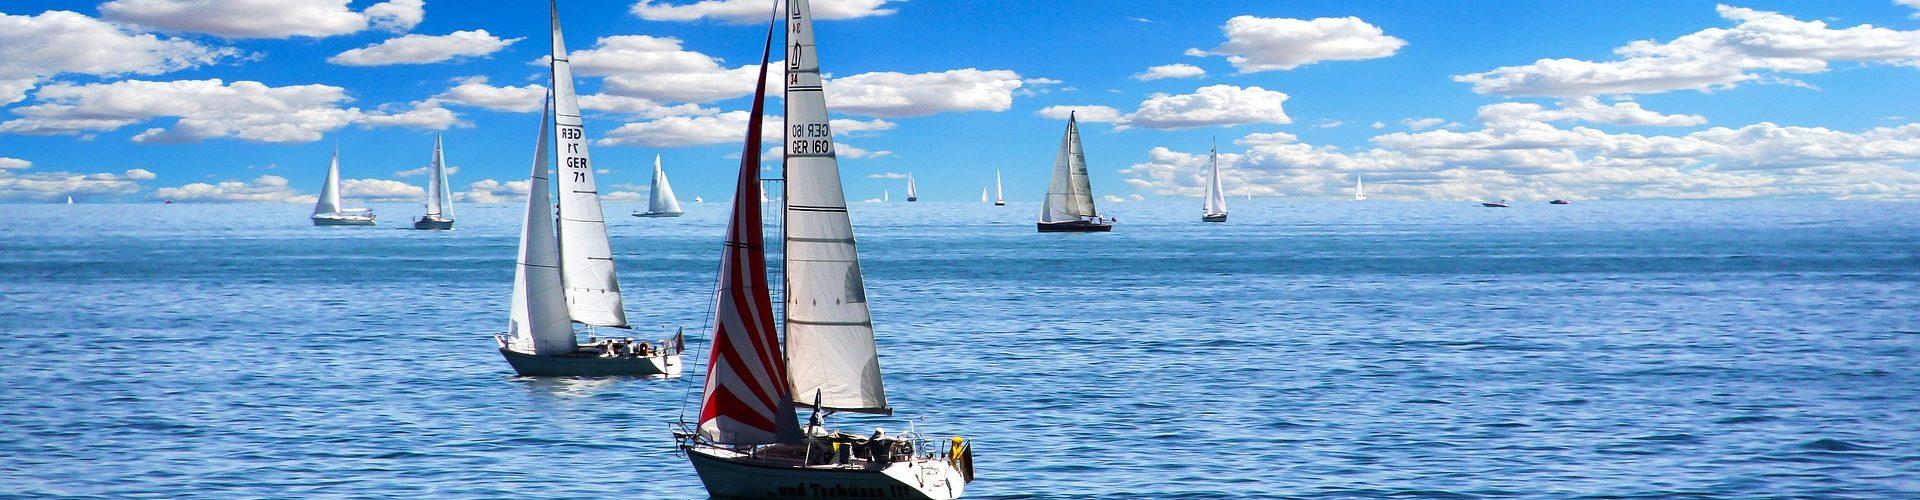 segeln lernen in Deetz segelschein machen in Deetz 1920x500 - Segeln lernen in Deetz